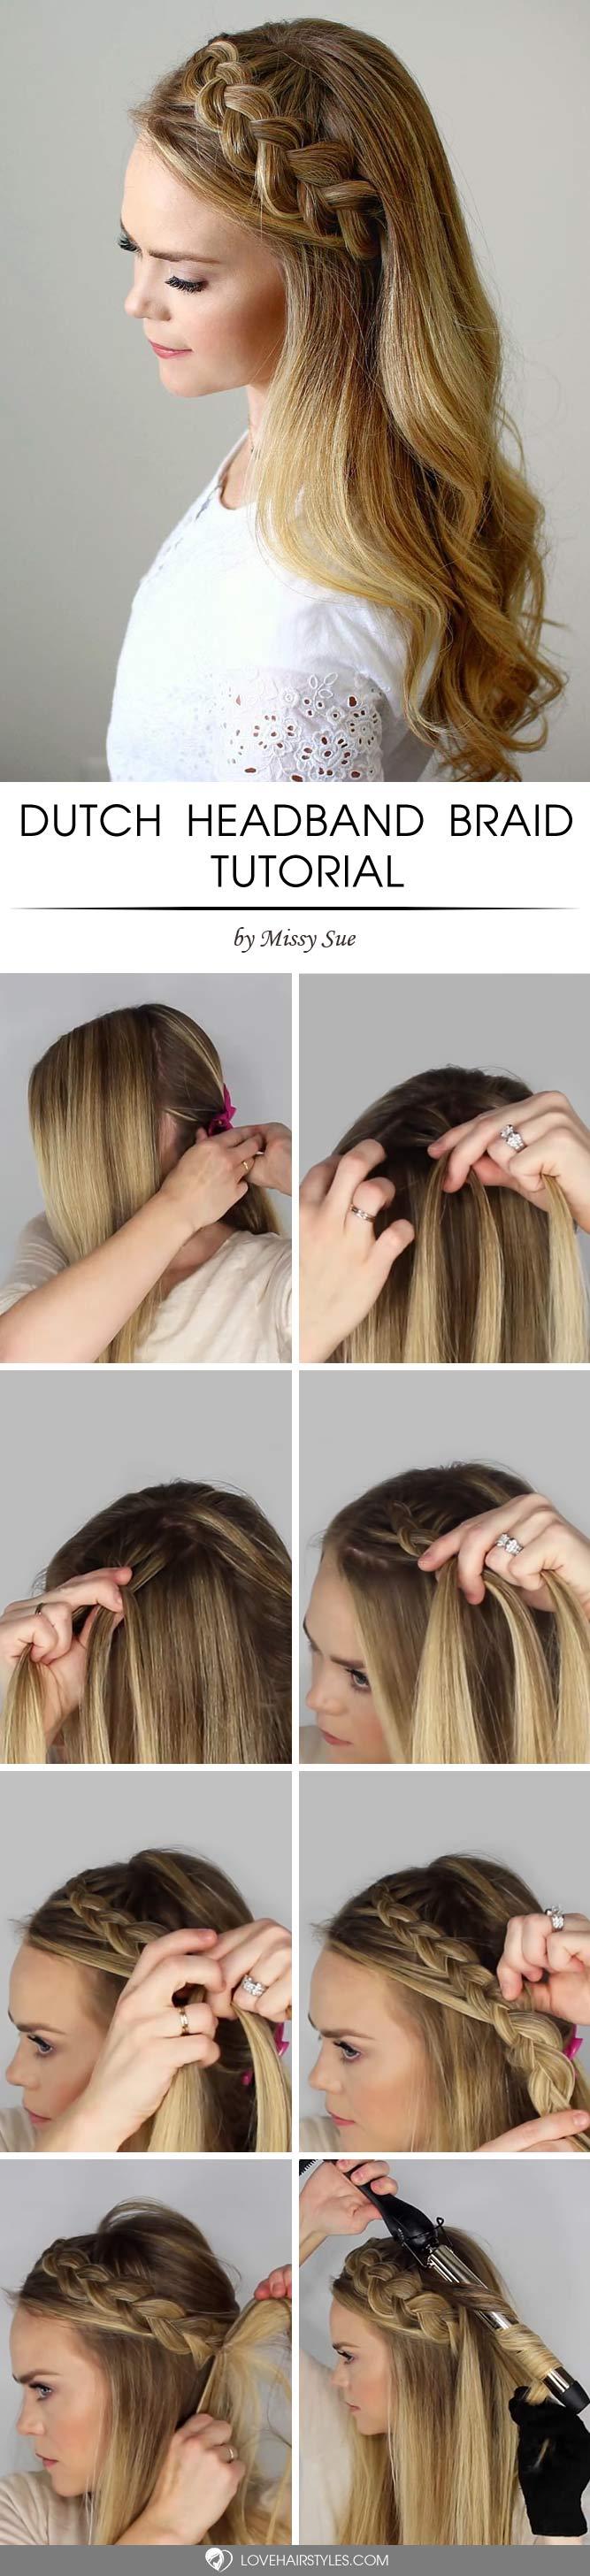 Angel Like Dutch Headband Braid Tutorial #howtodutchbraid #dutchbraid #tutorials #braids #hairstyles